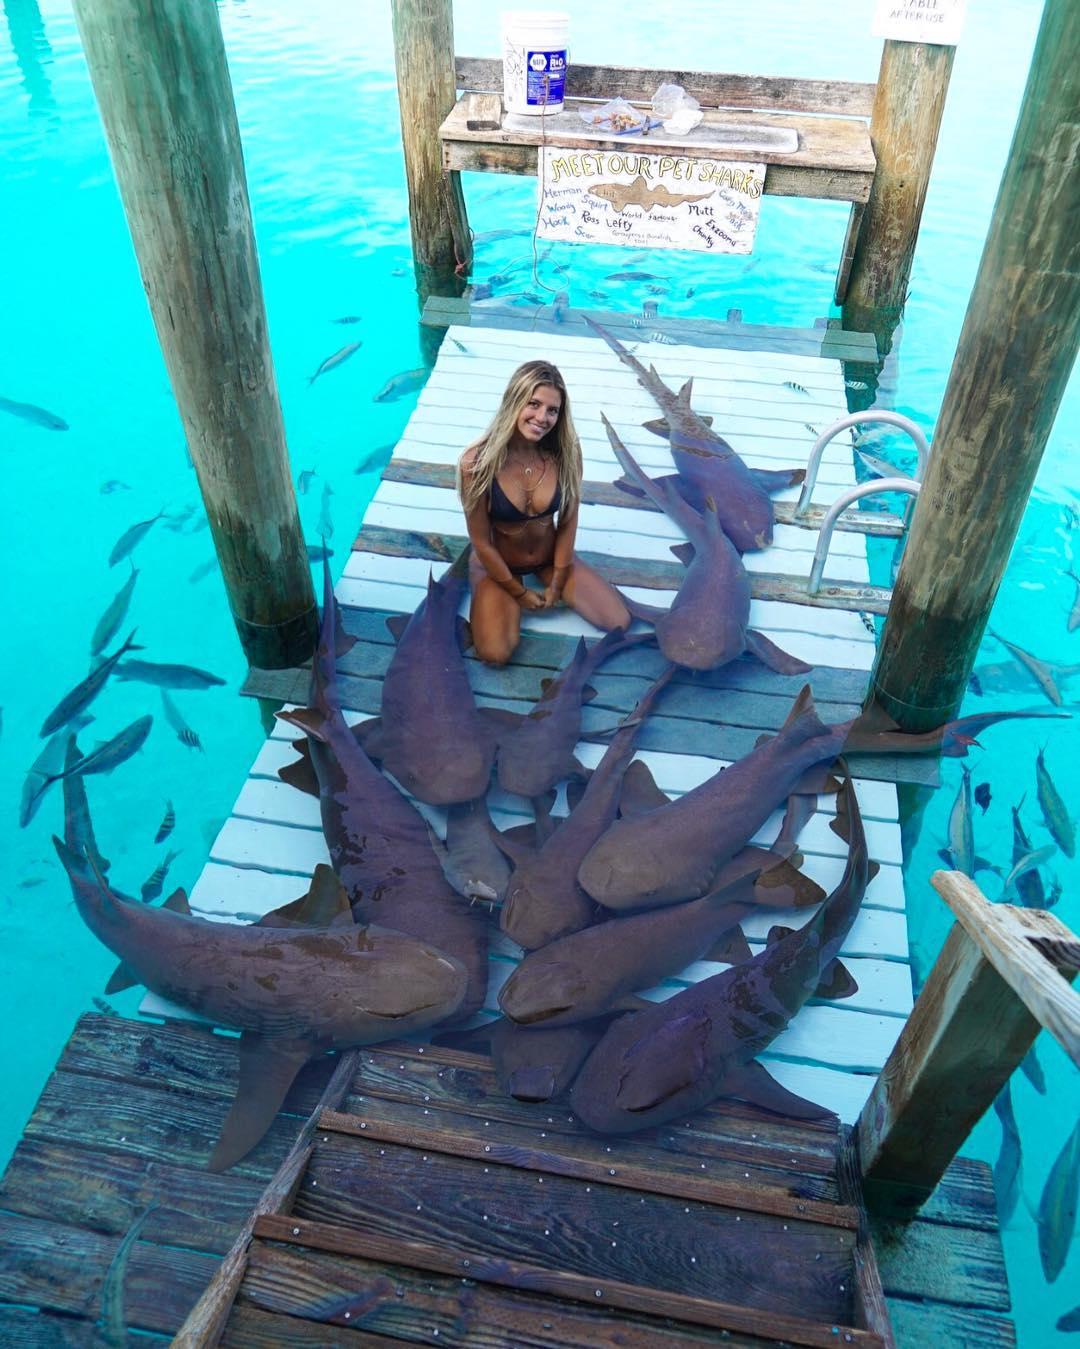 22-летняя студентка путешествует по экзотическим местам